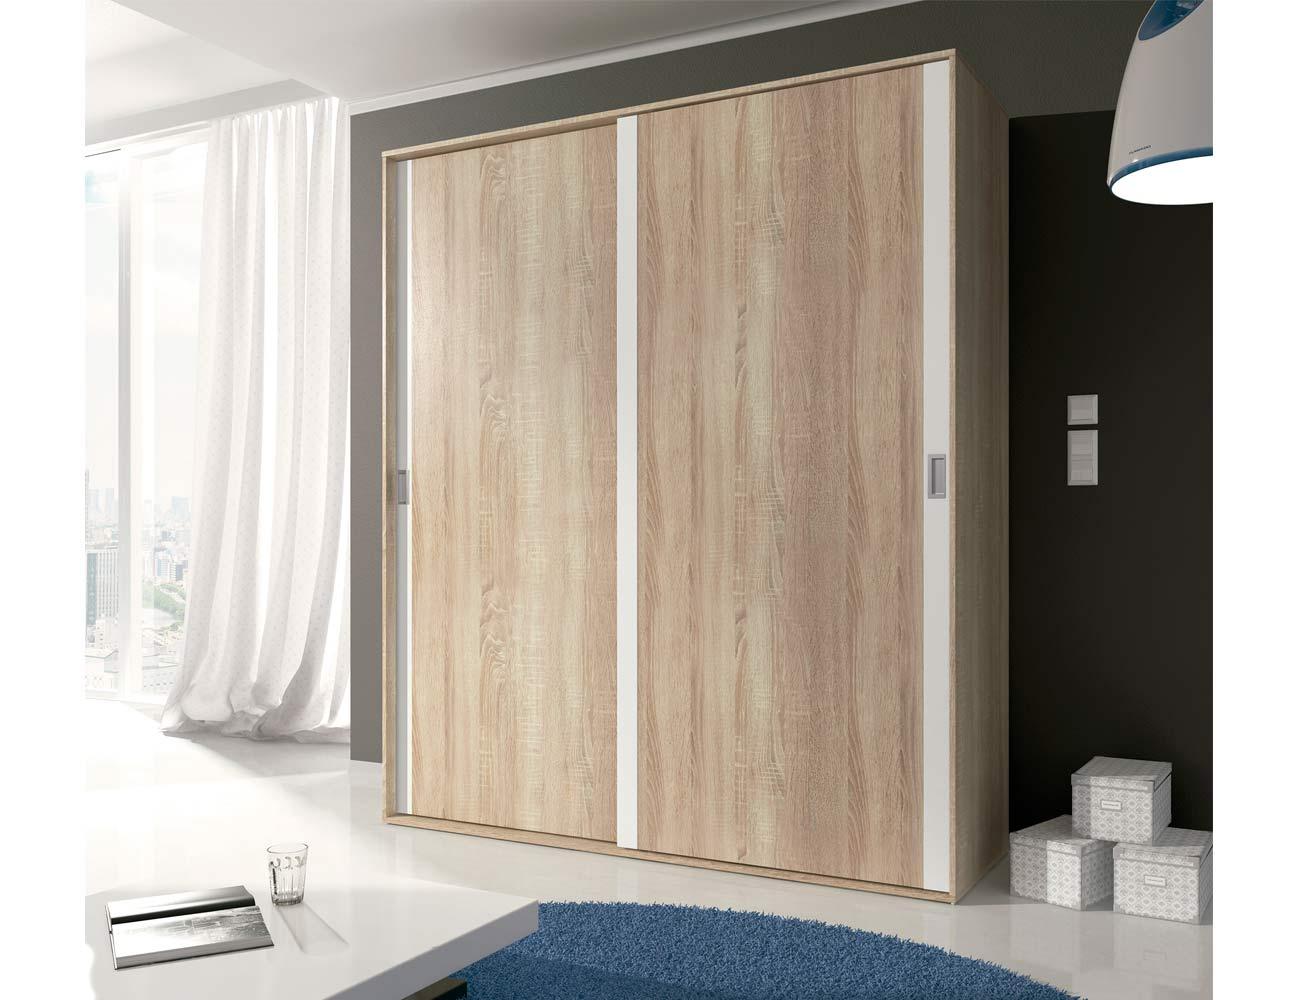 14 armario 2 puertas correderas cambrian blanco5